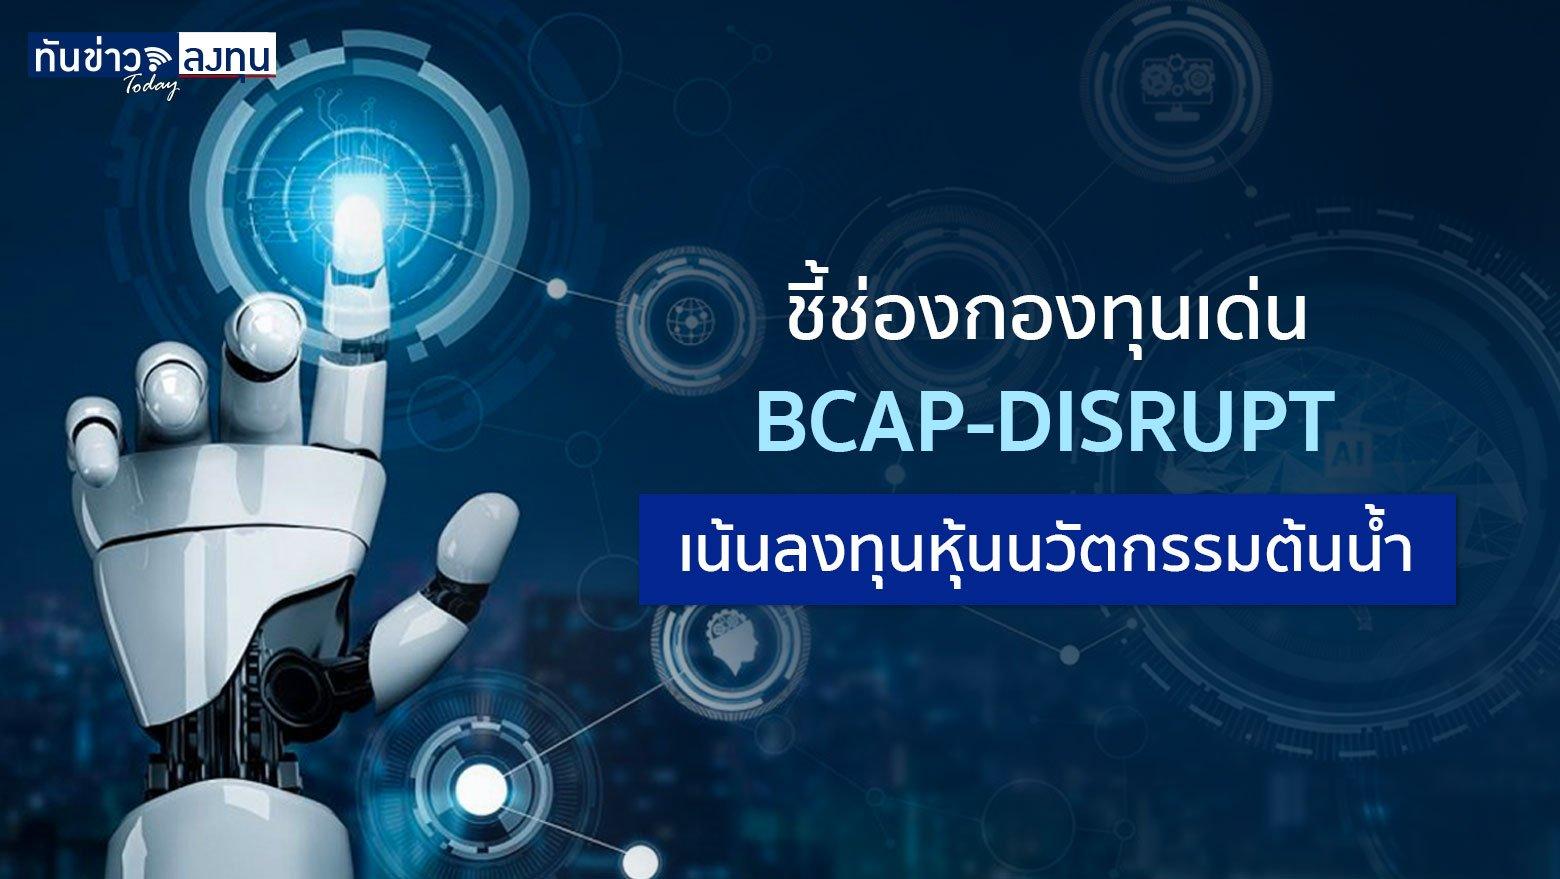 ชี้ช่องกองทุนเด่น : BCAP-DISRUPT เน้นลงทุนหุ้นนวัตกรรมต้นน้ำ